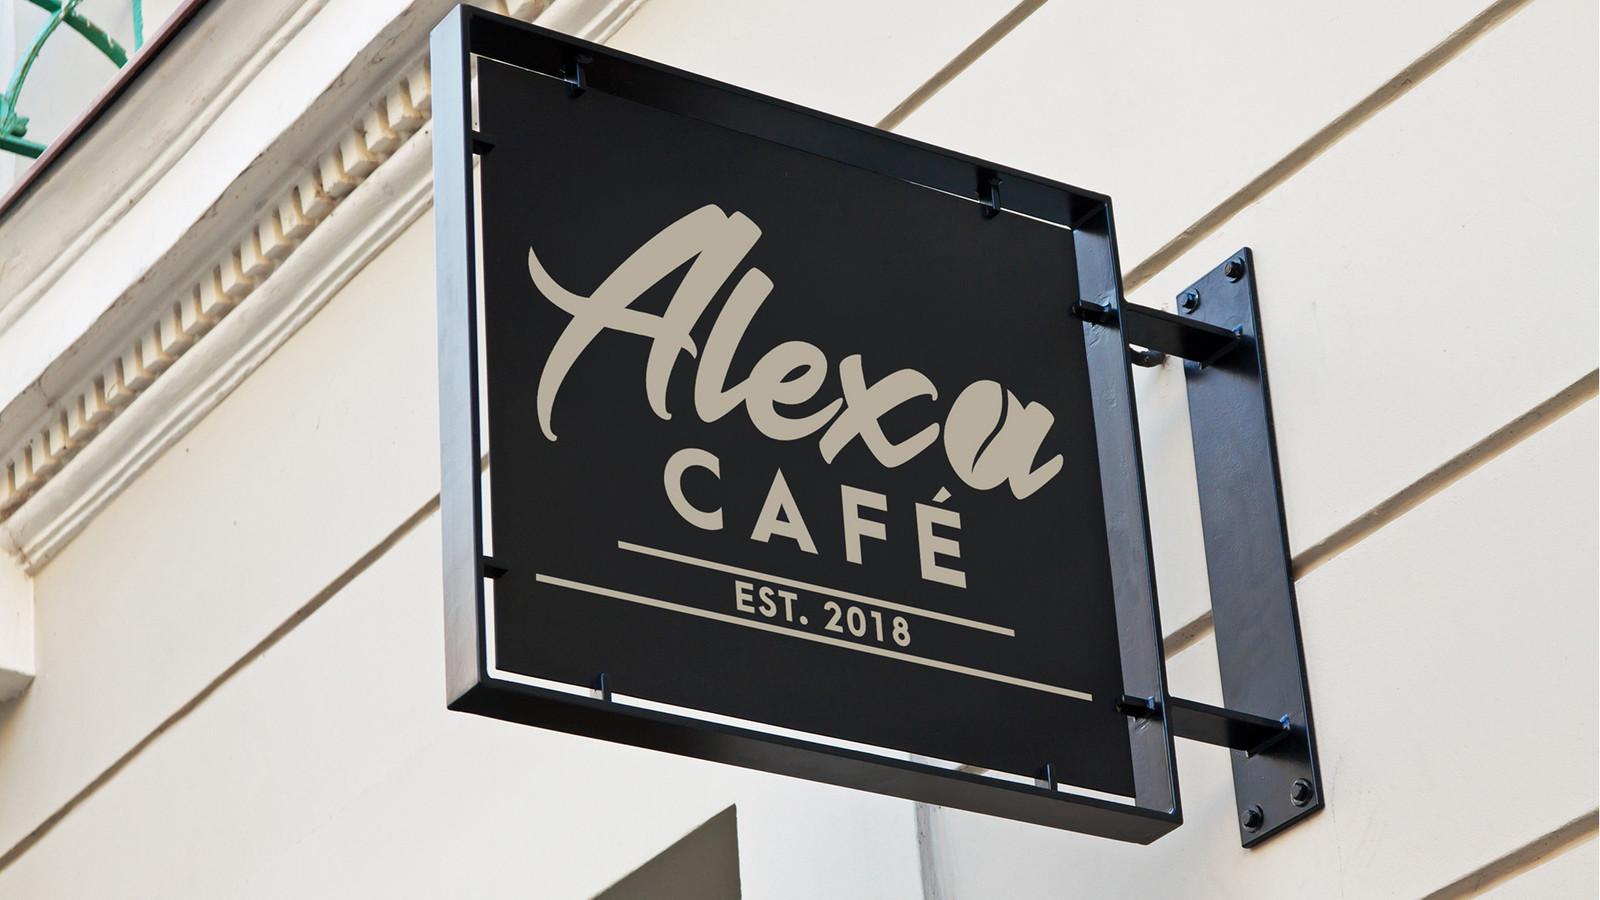 Alexa Cafè sign mockup